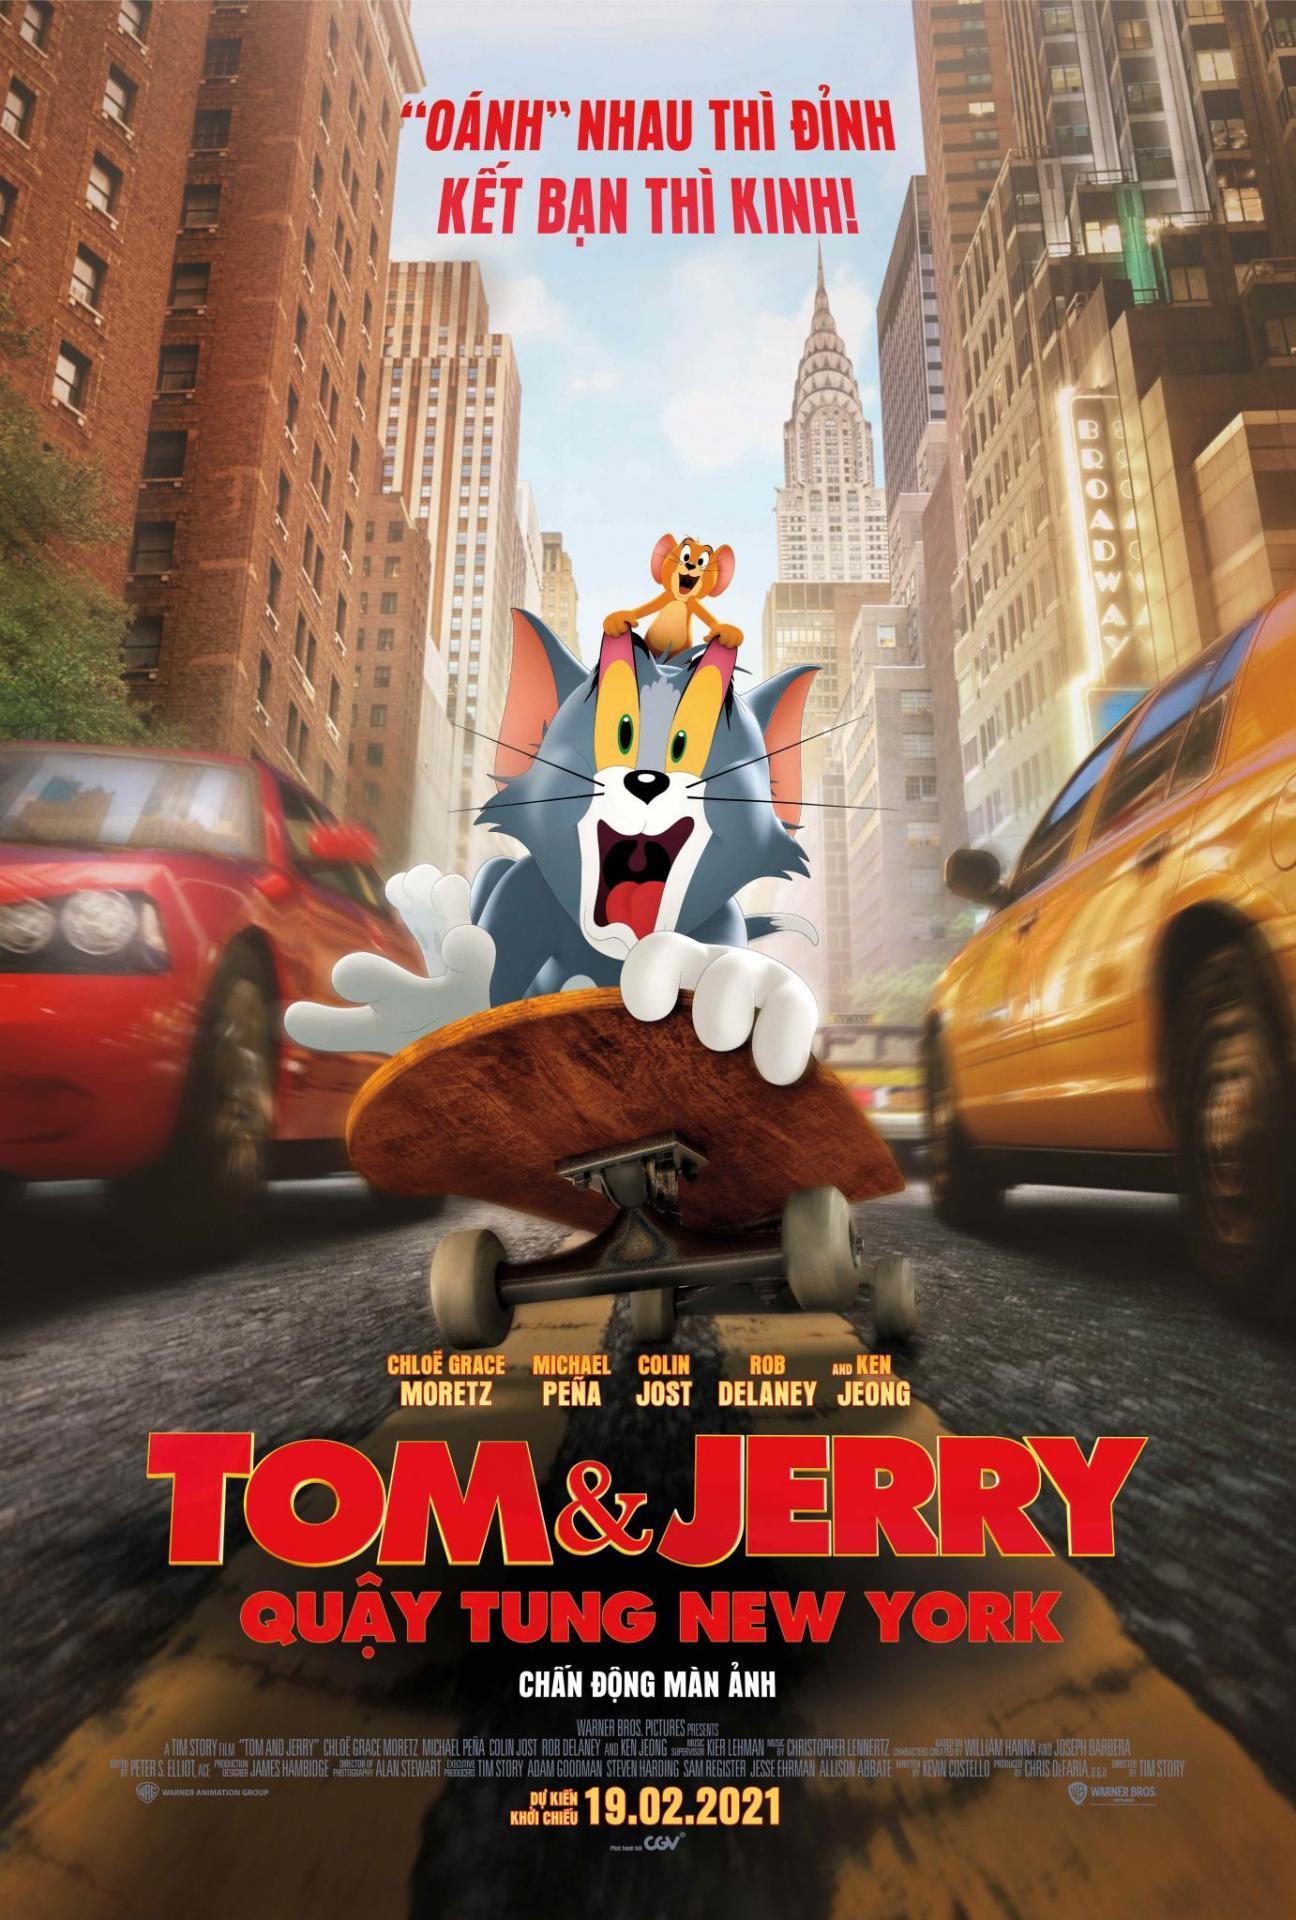 [TOM & JERRY: QUẬY TUNG NEW YORK] - Khi các nhân vật hoạt đóng chính trong những bộ phim live-action đình đám: Ai ấn tượng nhất?